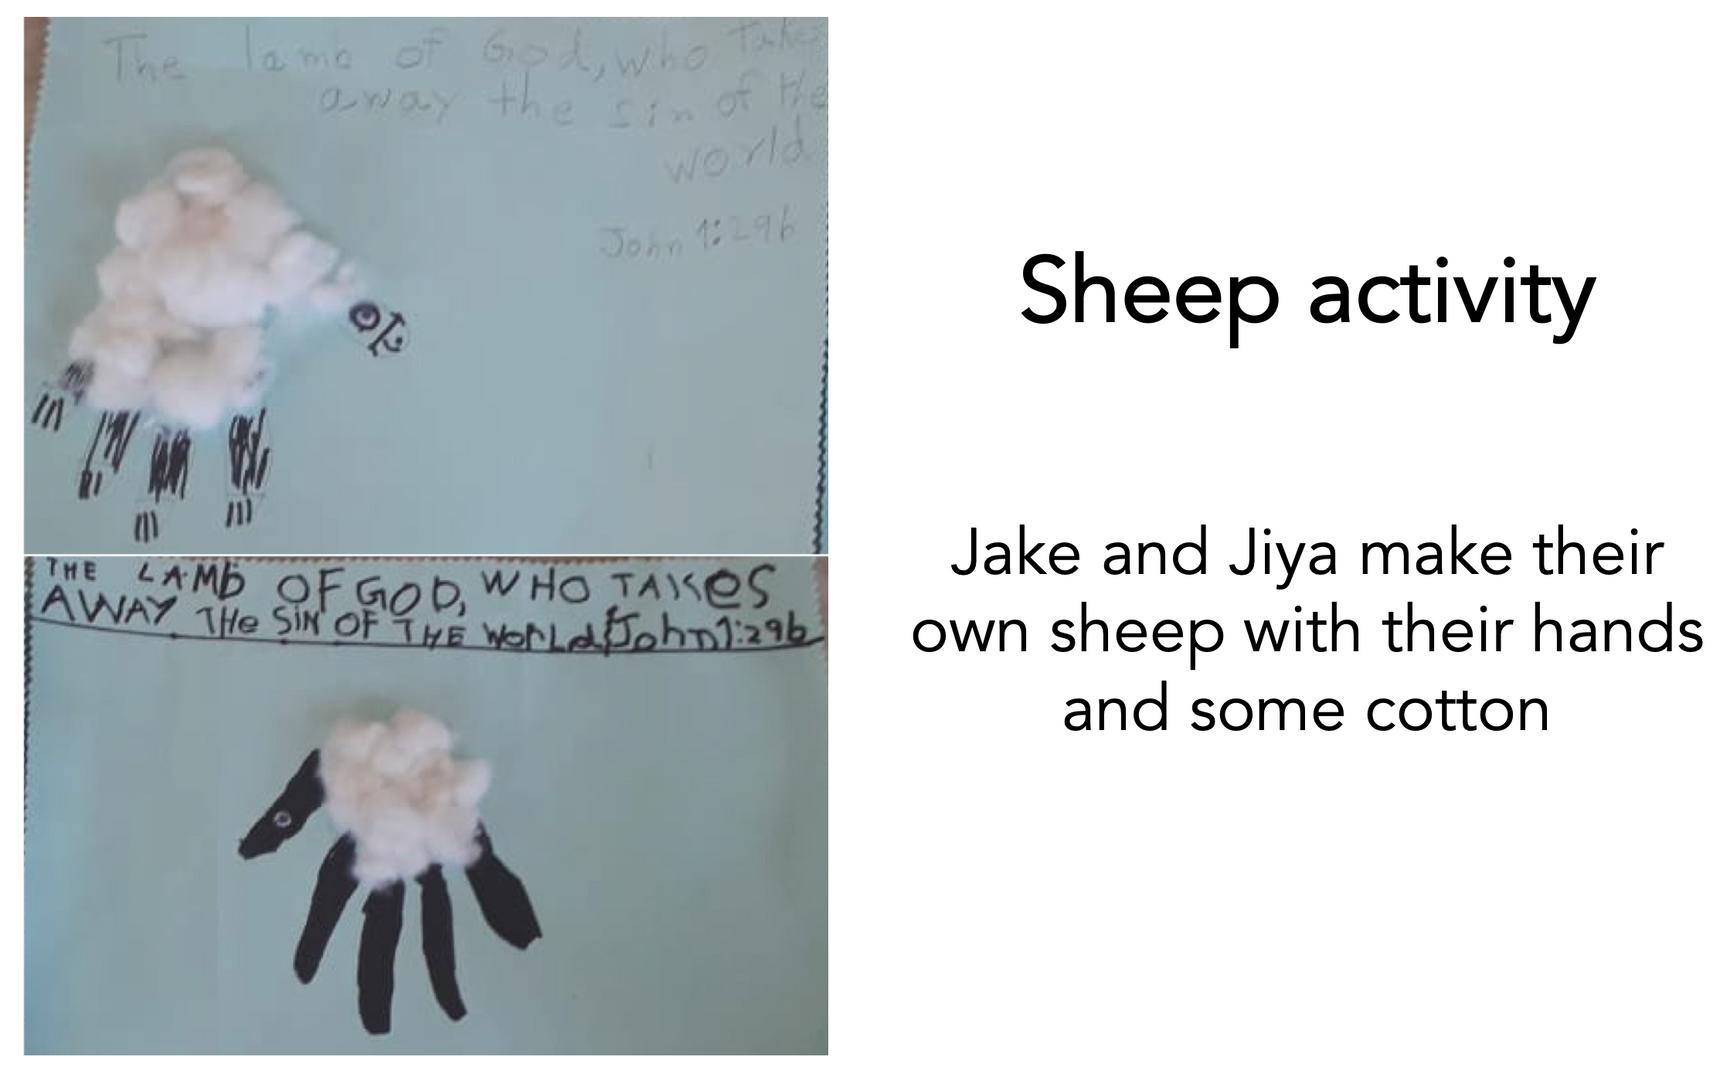 Jake and Jiya week 2 CC.png